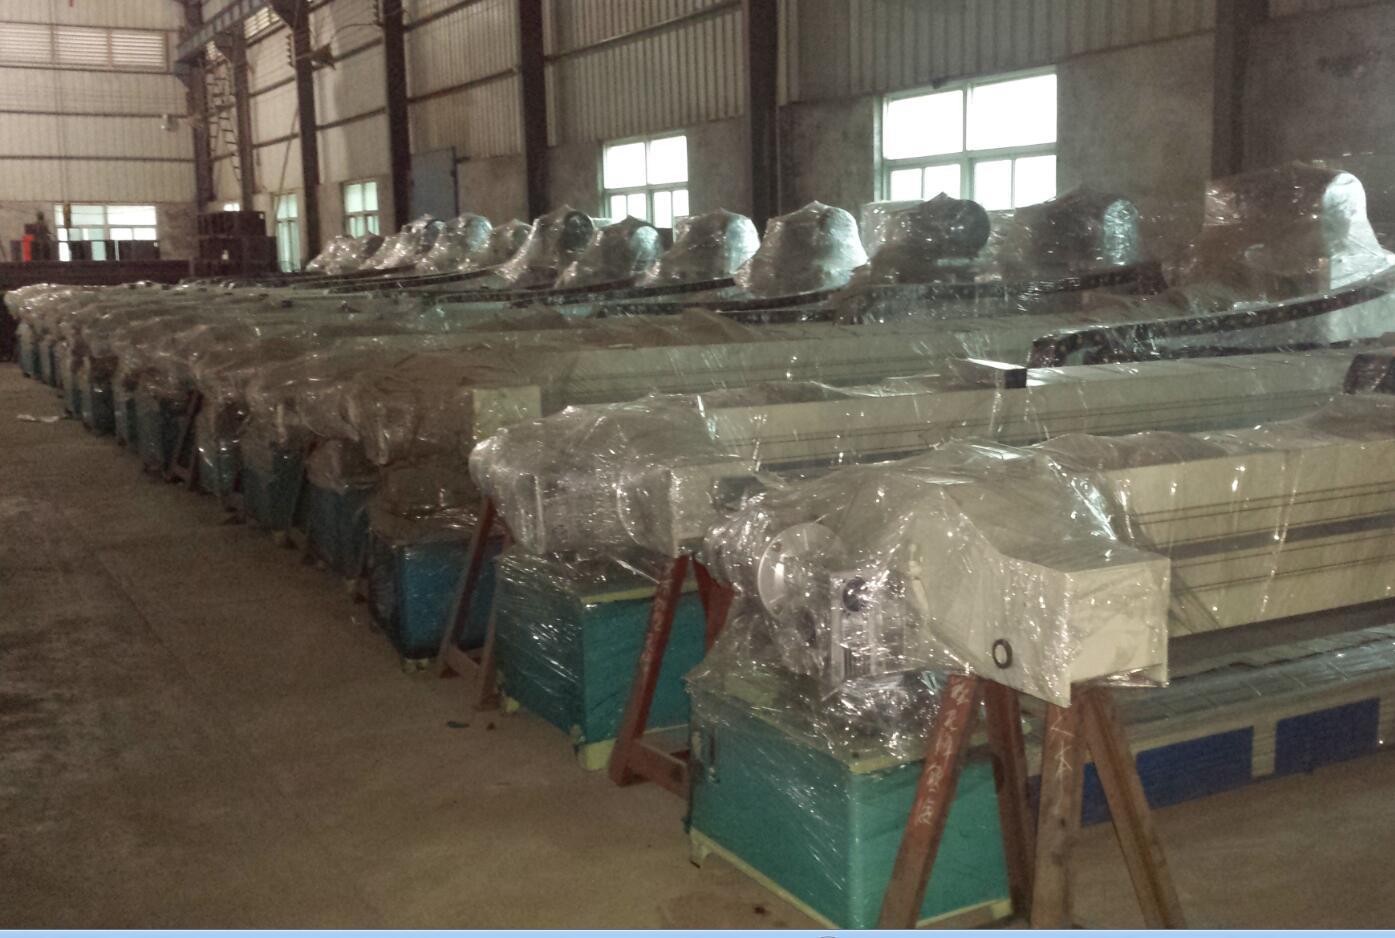 福建紅外線中切機-海能機械有限公司供應報價合理的紅外線橋式切石機